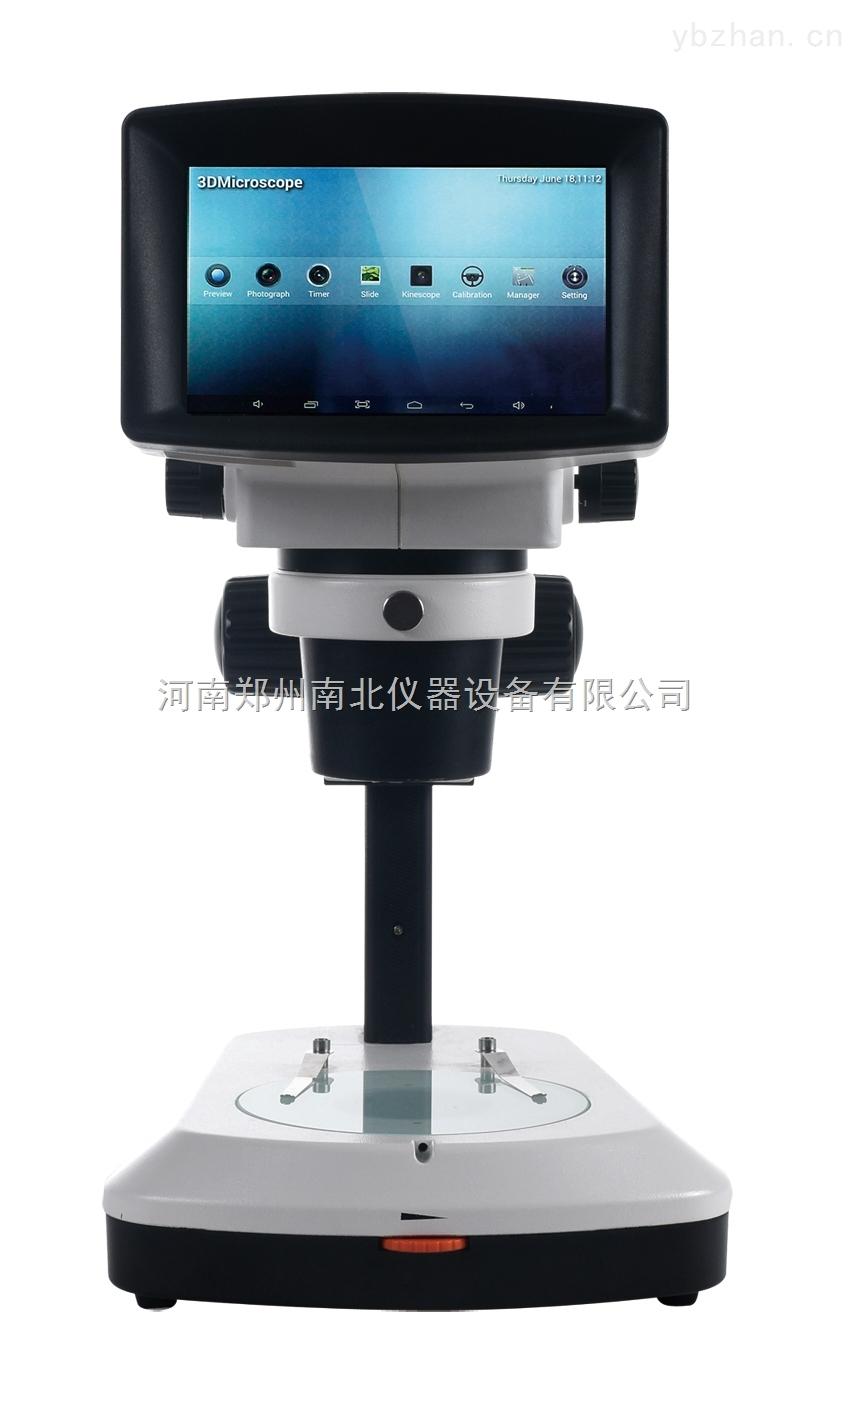 裸眼3D立體顯微鏡品牌